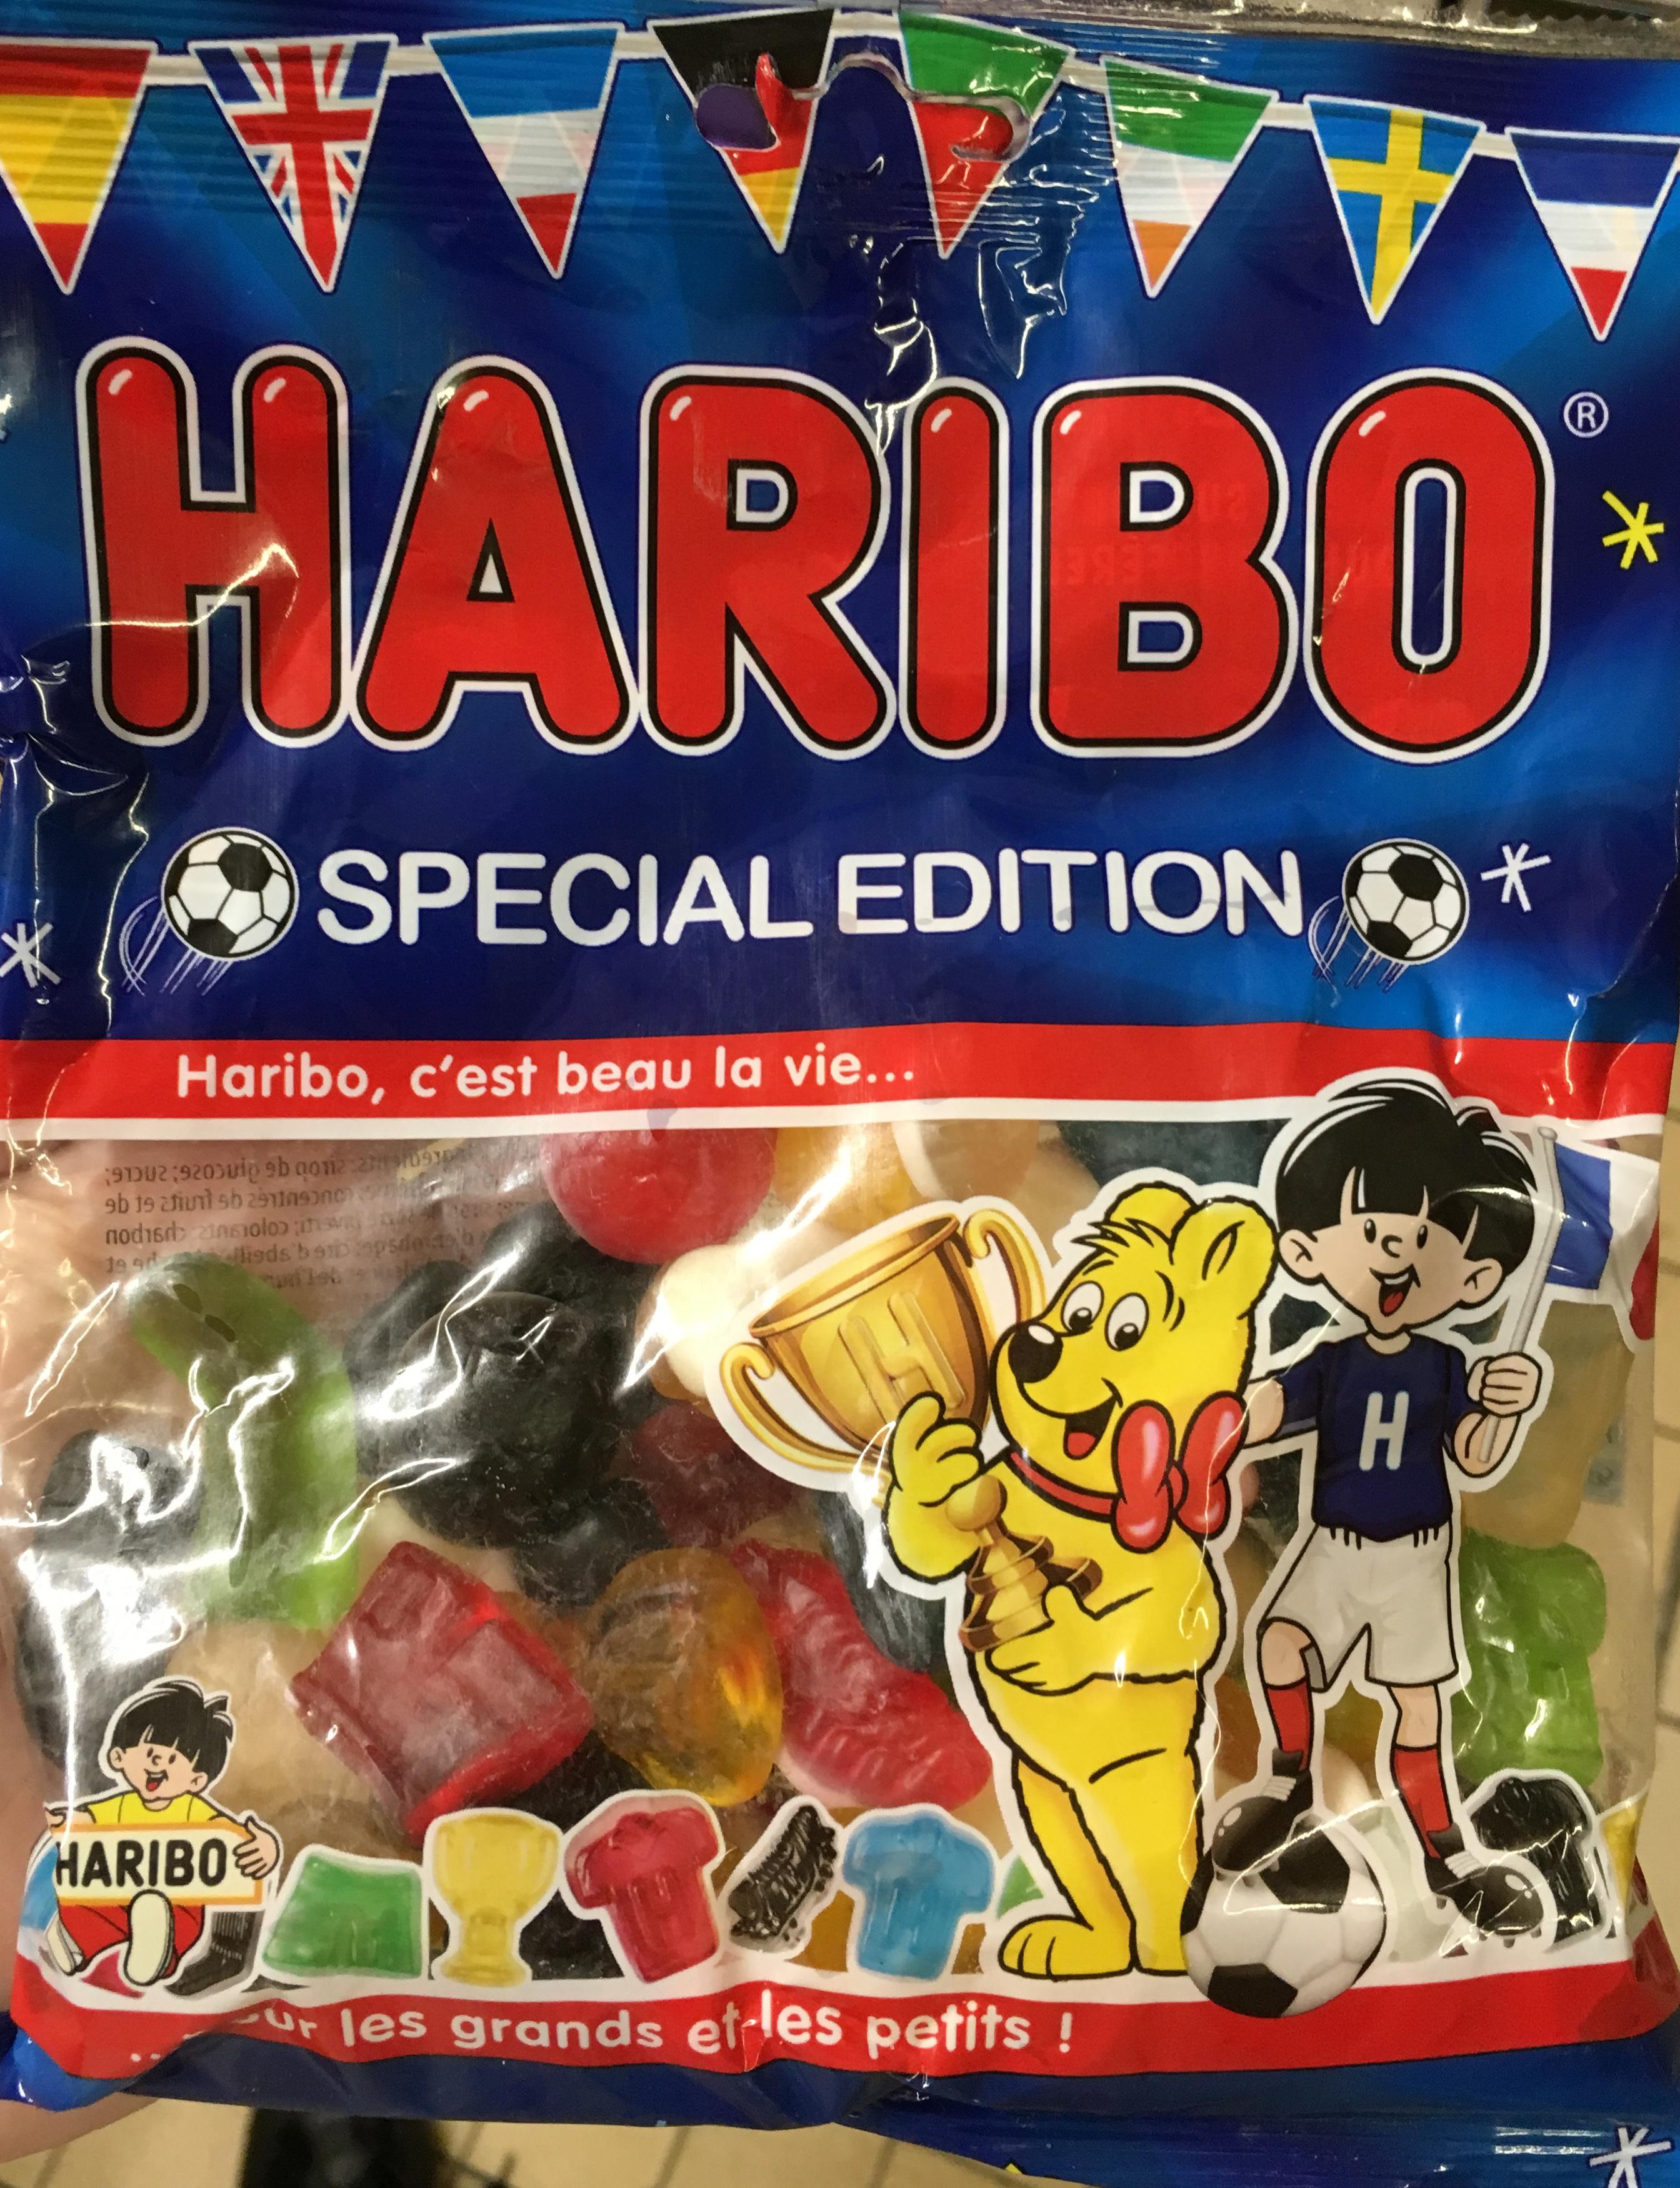 Special Edition - Produit - fr